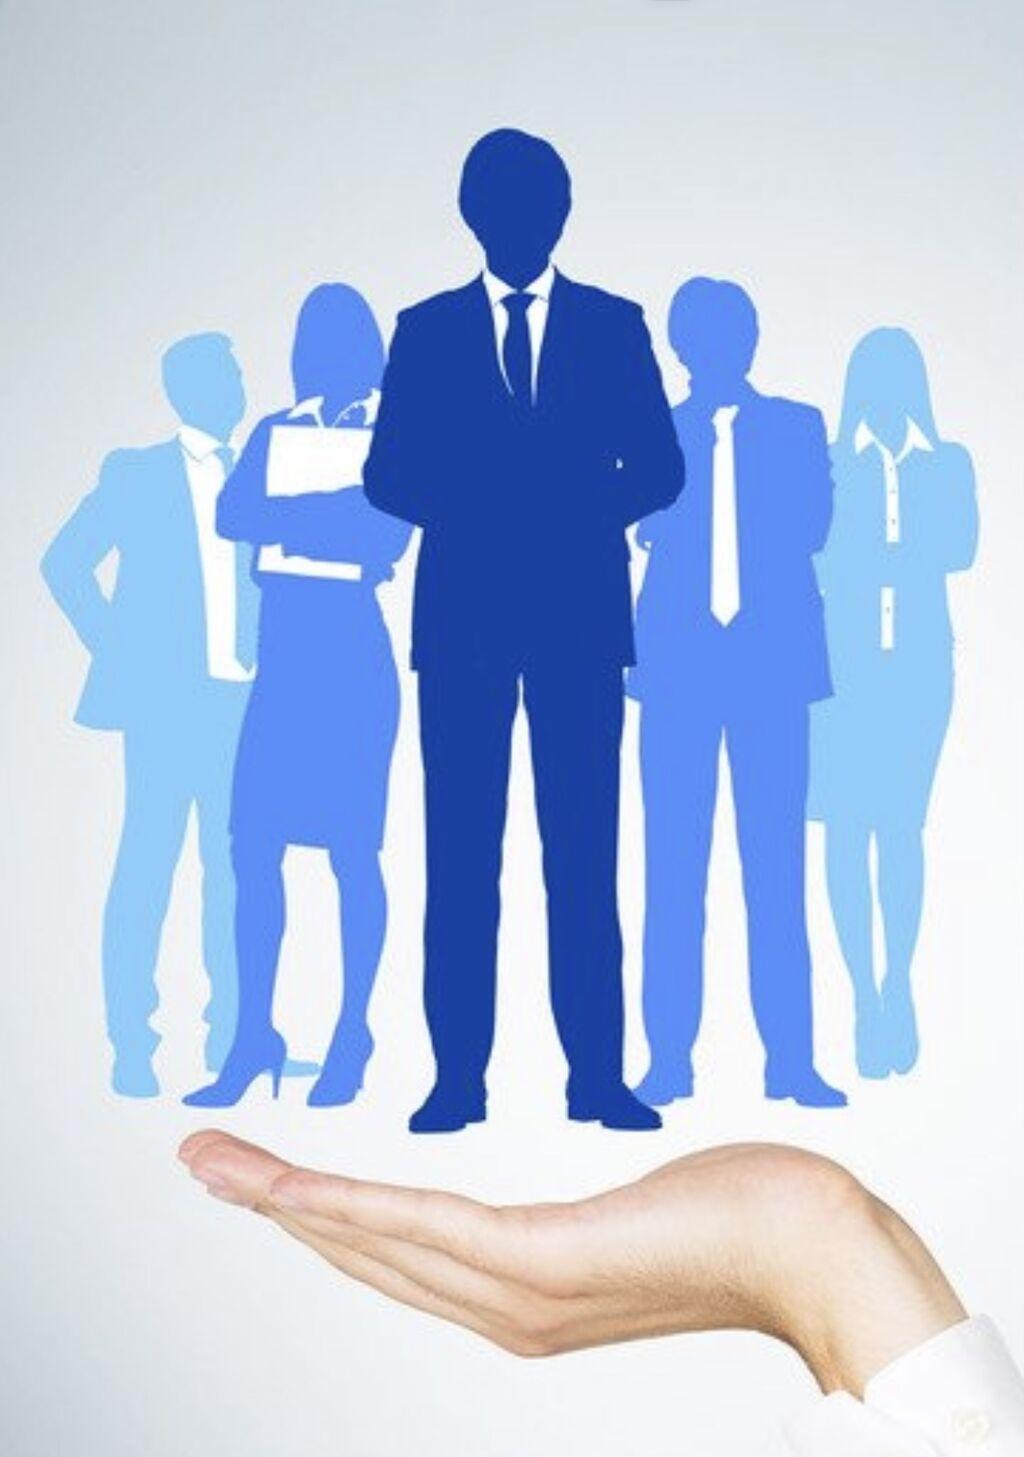 Менеджер по персоналу. С опытом. 6/1. Рынок Баят   Объявление создано 15 Сентябрь 2021 13:32:44: Менеджер по персоналу. С опытом. 6/1. Рынок Баят